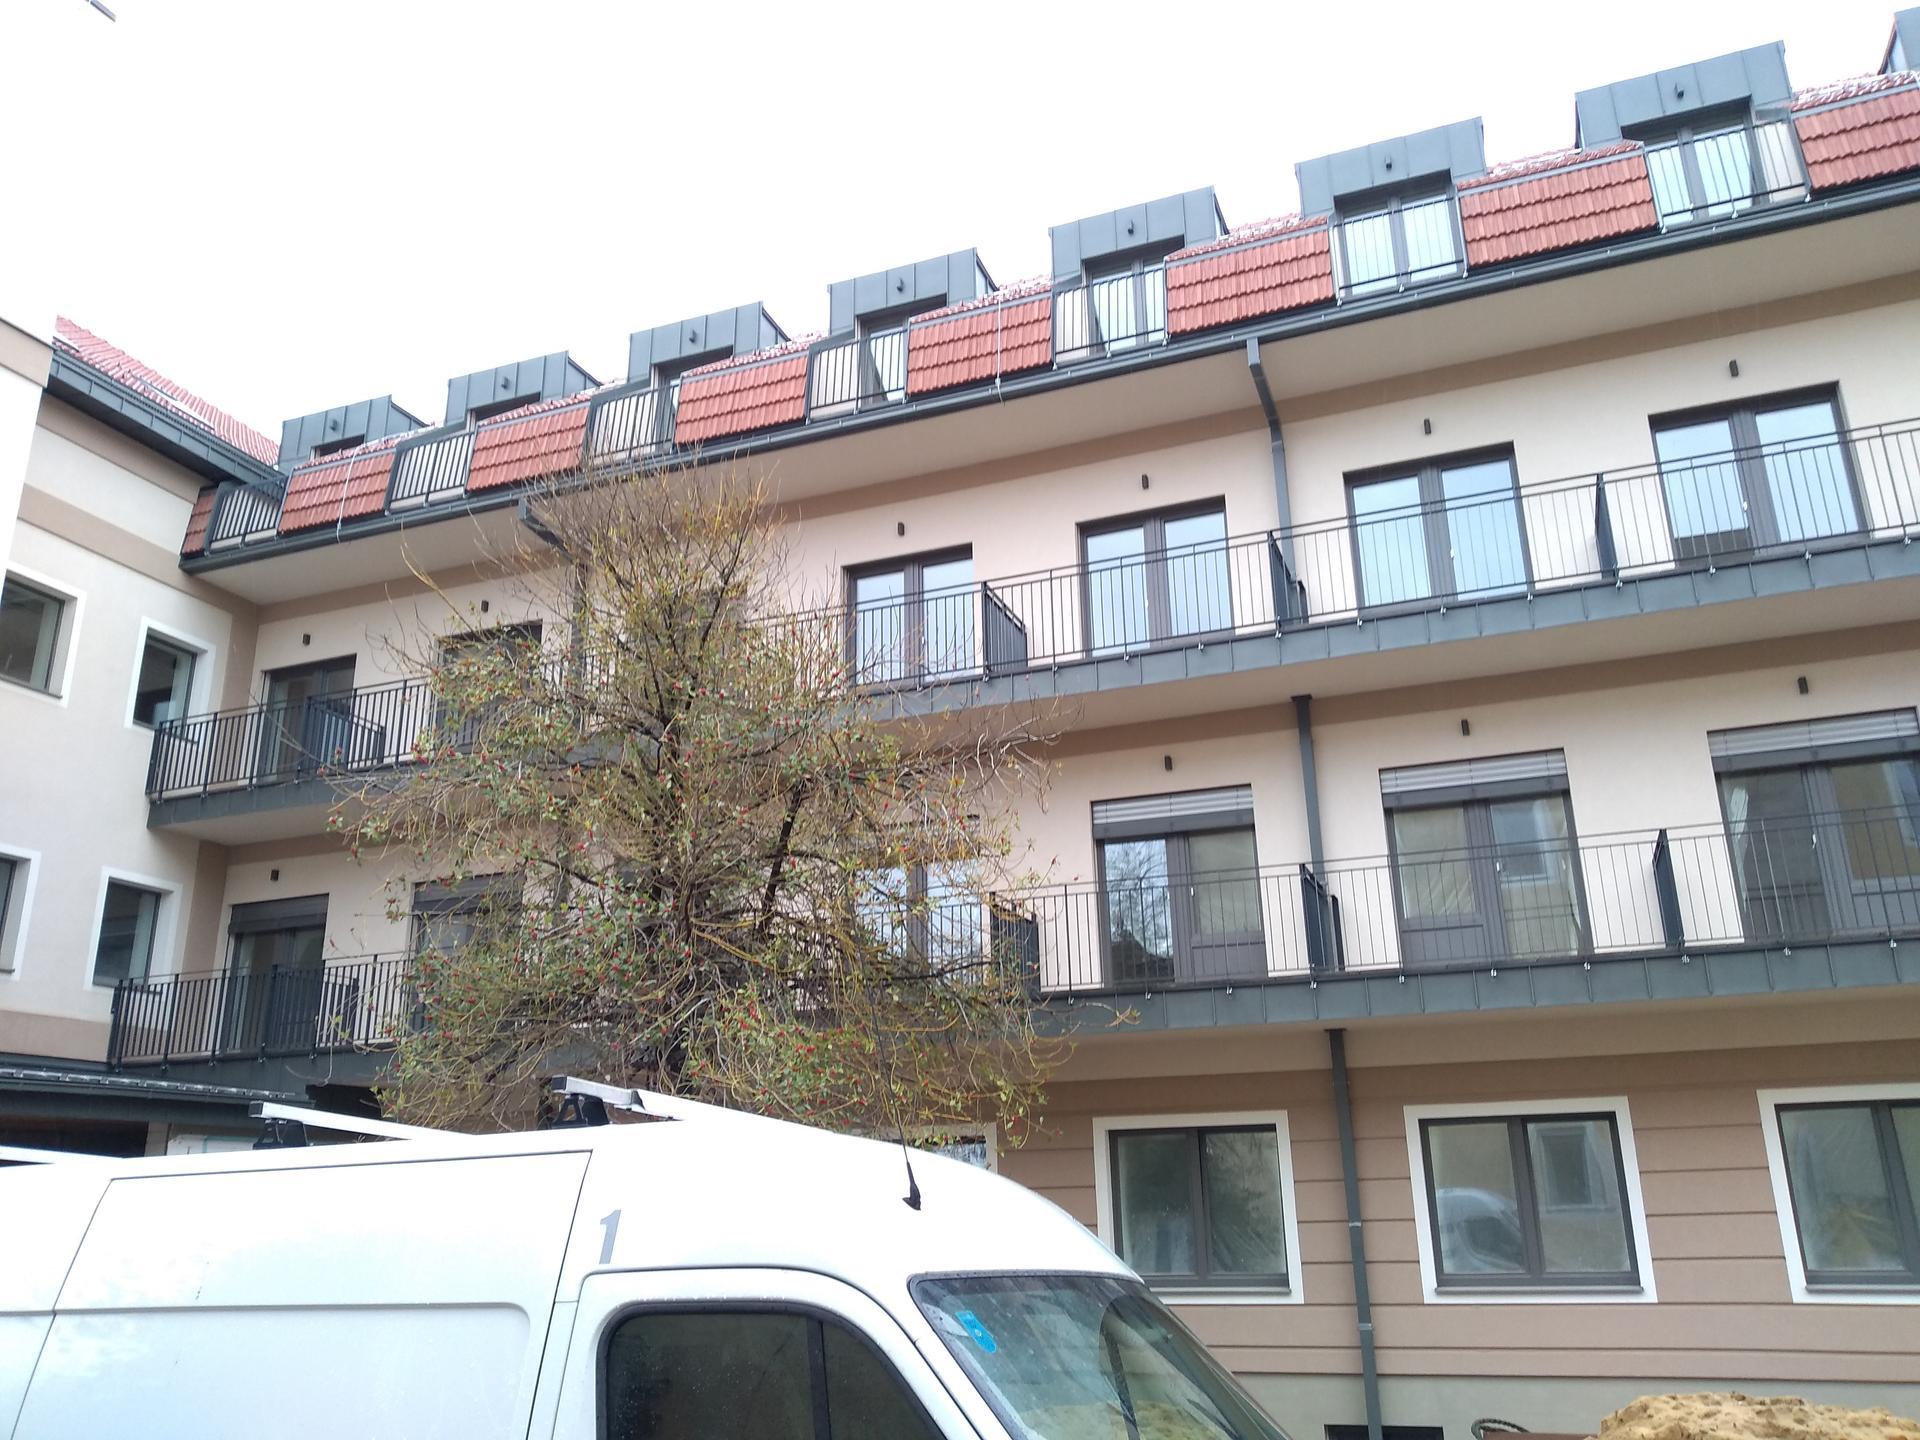 Exteriérové žalúzie - rekonštrukcia zdravotníckeho zariadenia Bratislava - Podunajské Biskupice - Exteriérové žalúzie K-system Bratislava